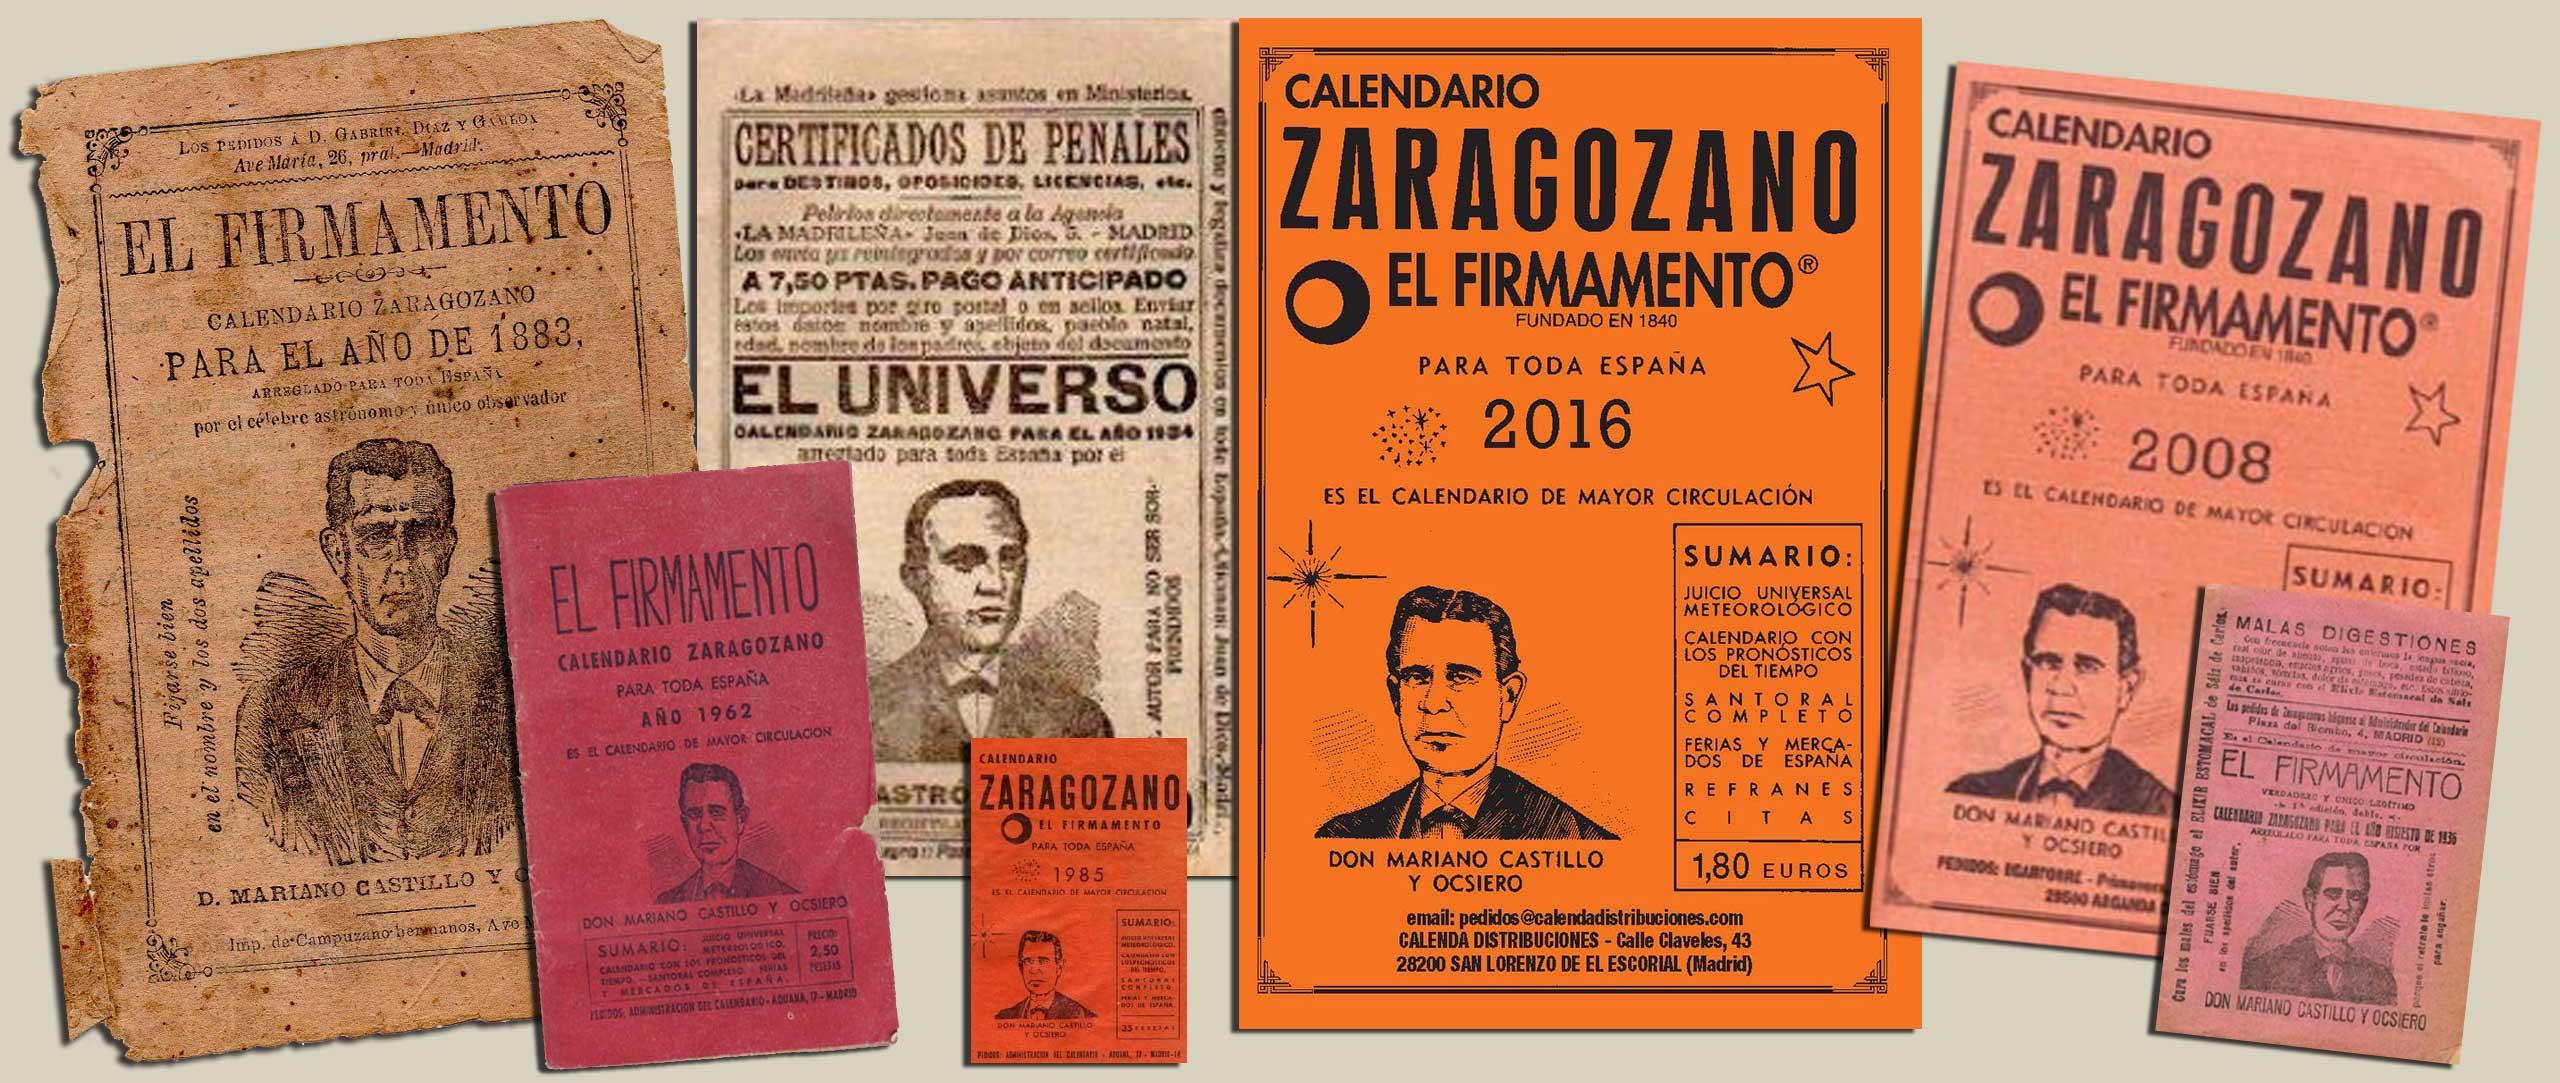 Calendario Zaragozano 2020.Calendario Zaragozano Conoce Toda Su Historia